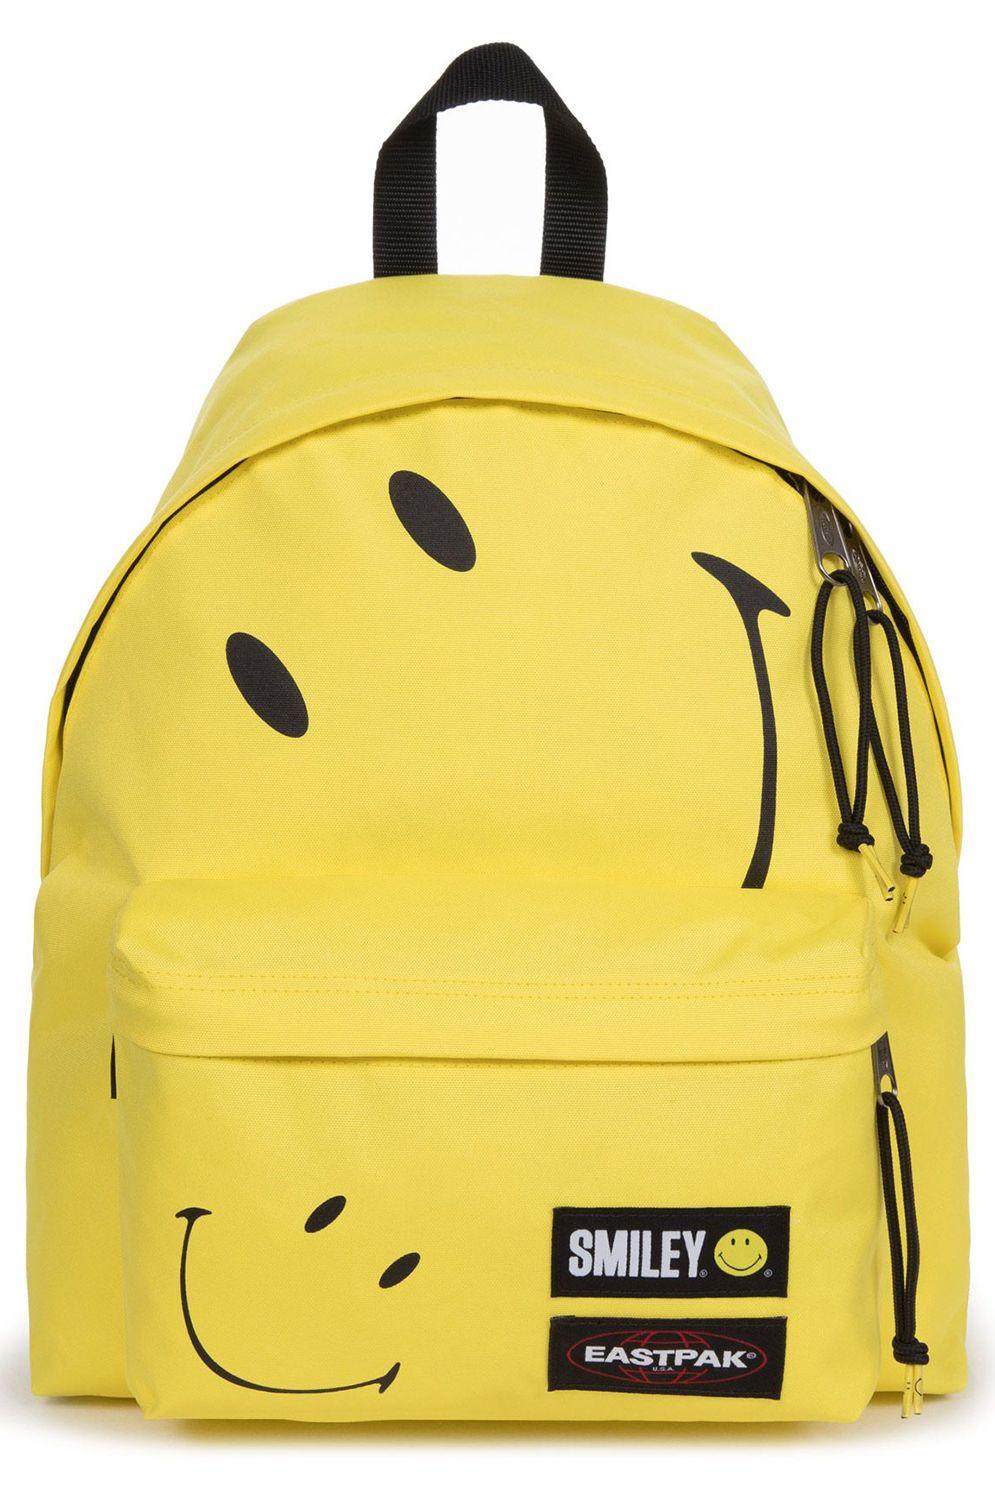 Eastpak Backpack PADDED PAK'R Smiley Big